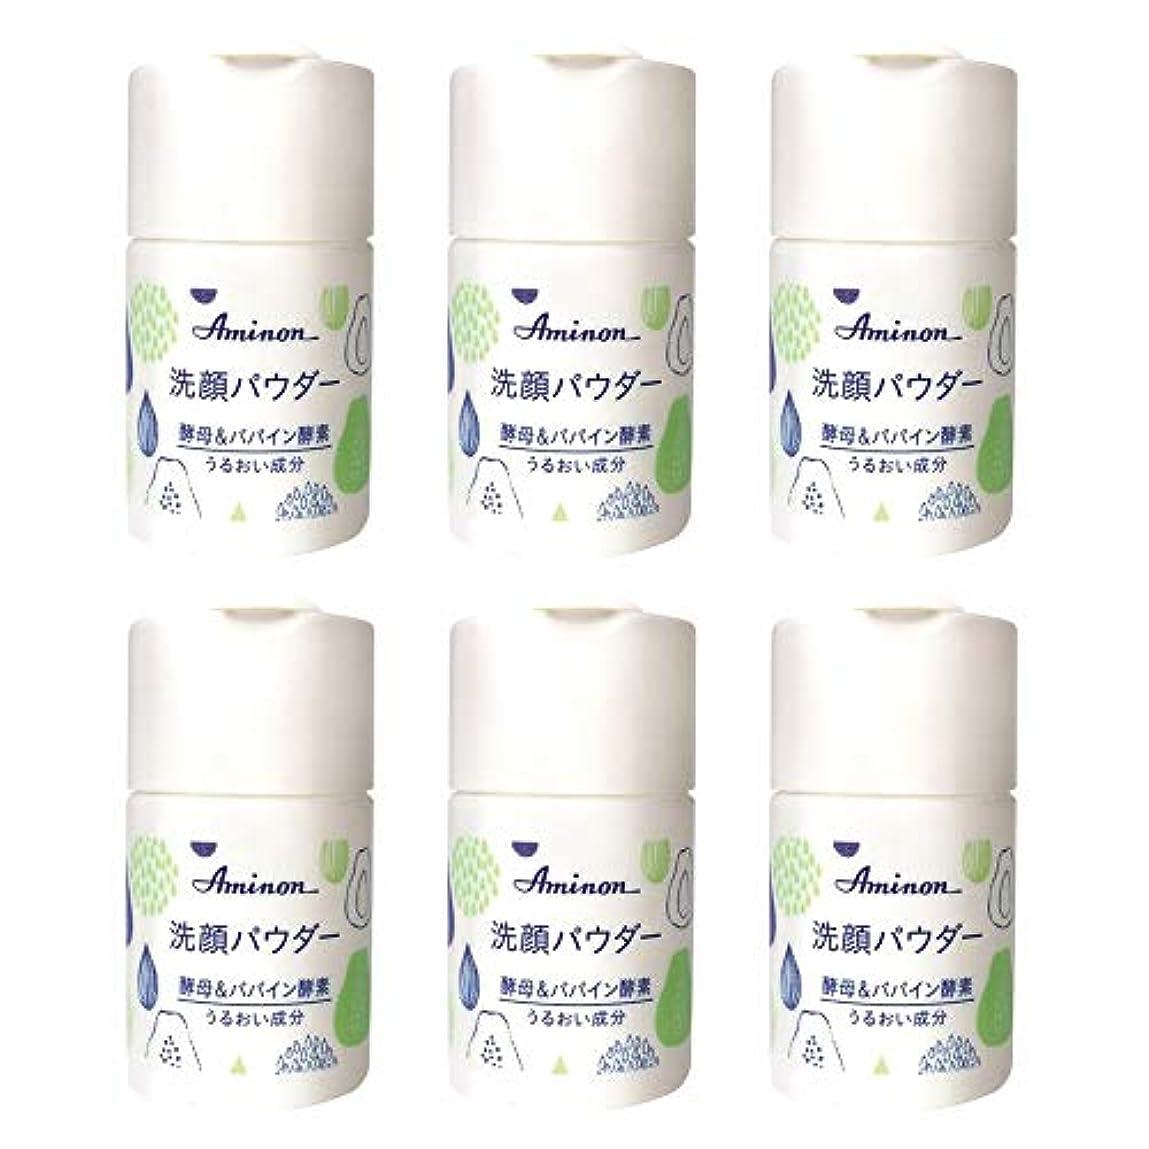 おとうさん知性する必要があるアミノン パパイン酵素配合 洗顔パウダー 50g (6本セット)